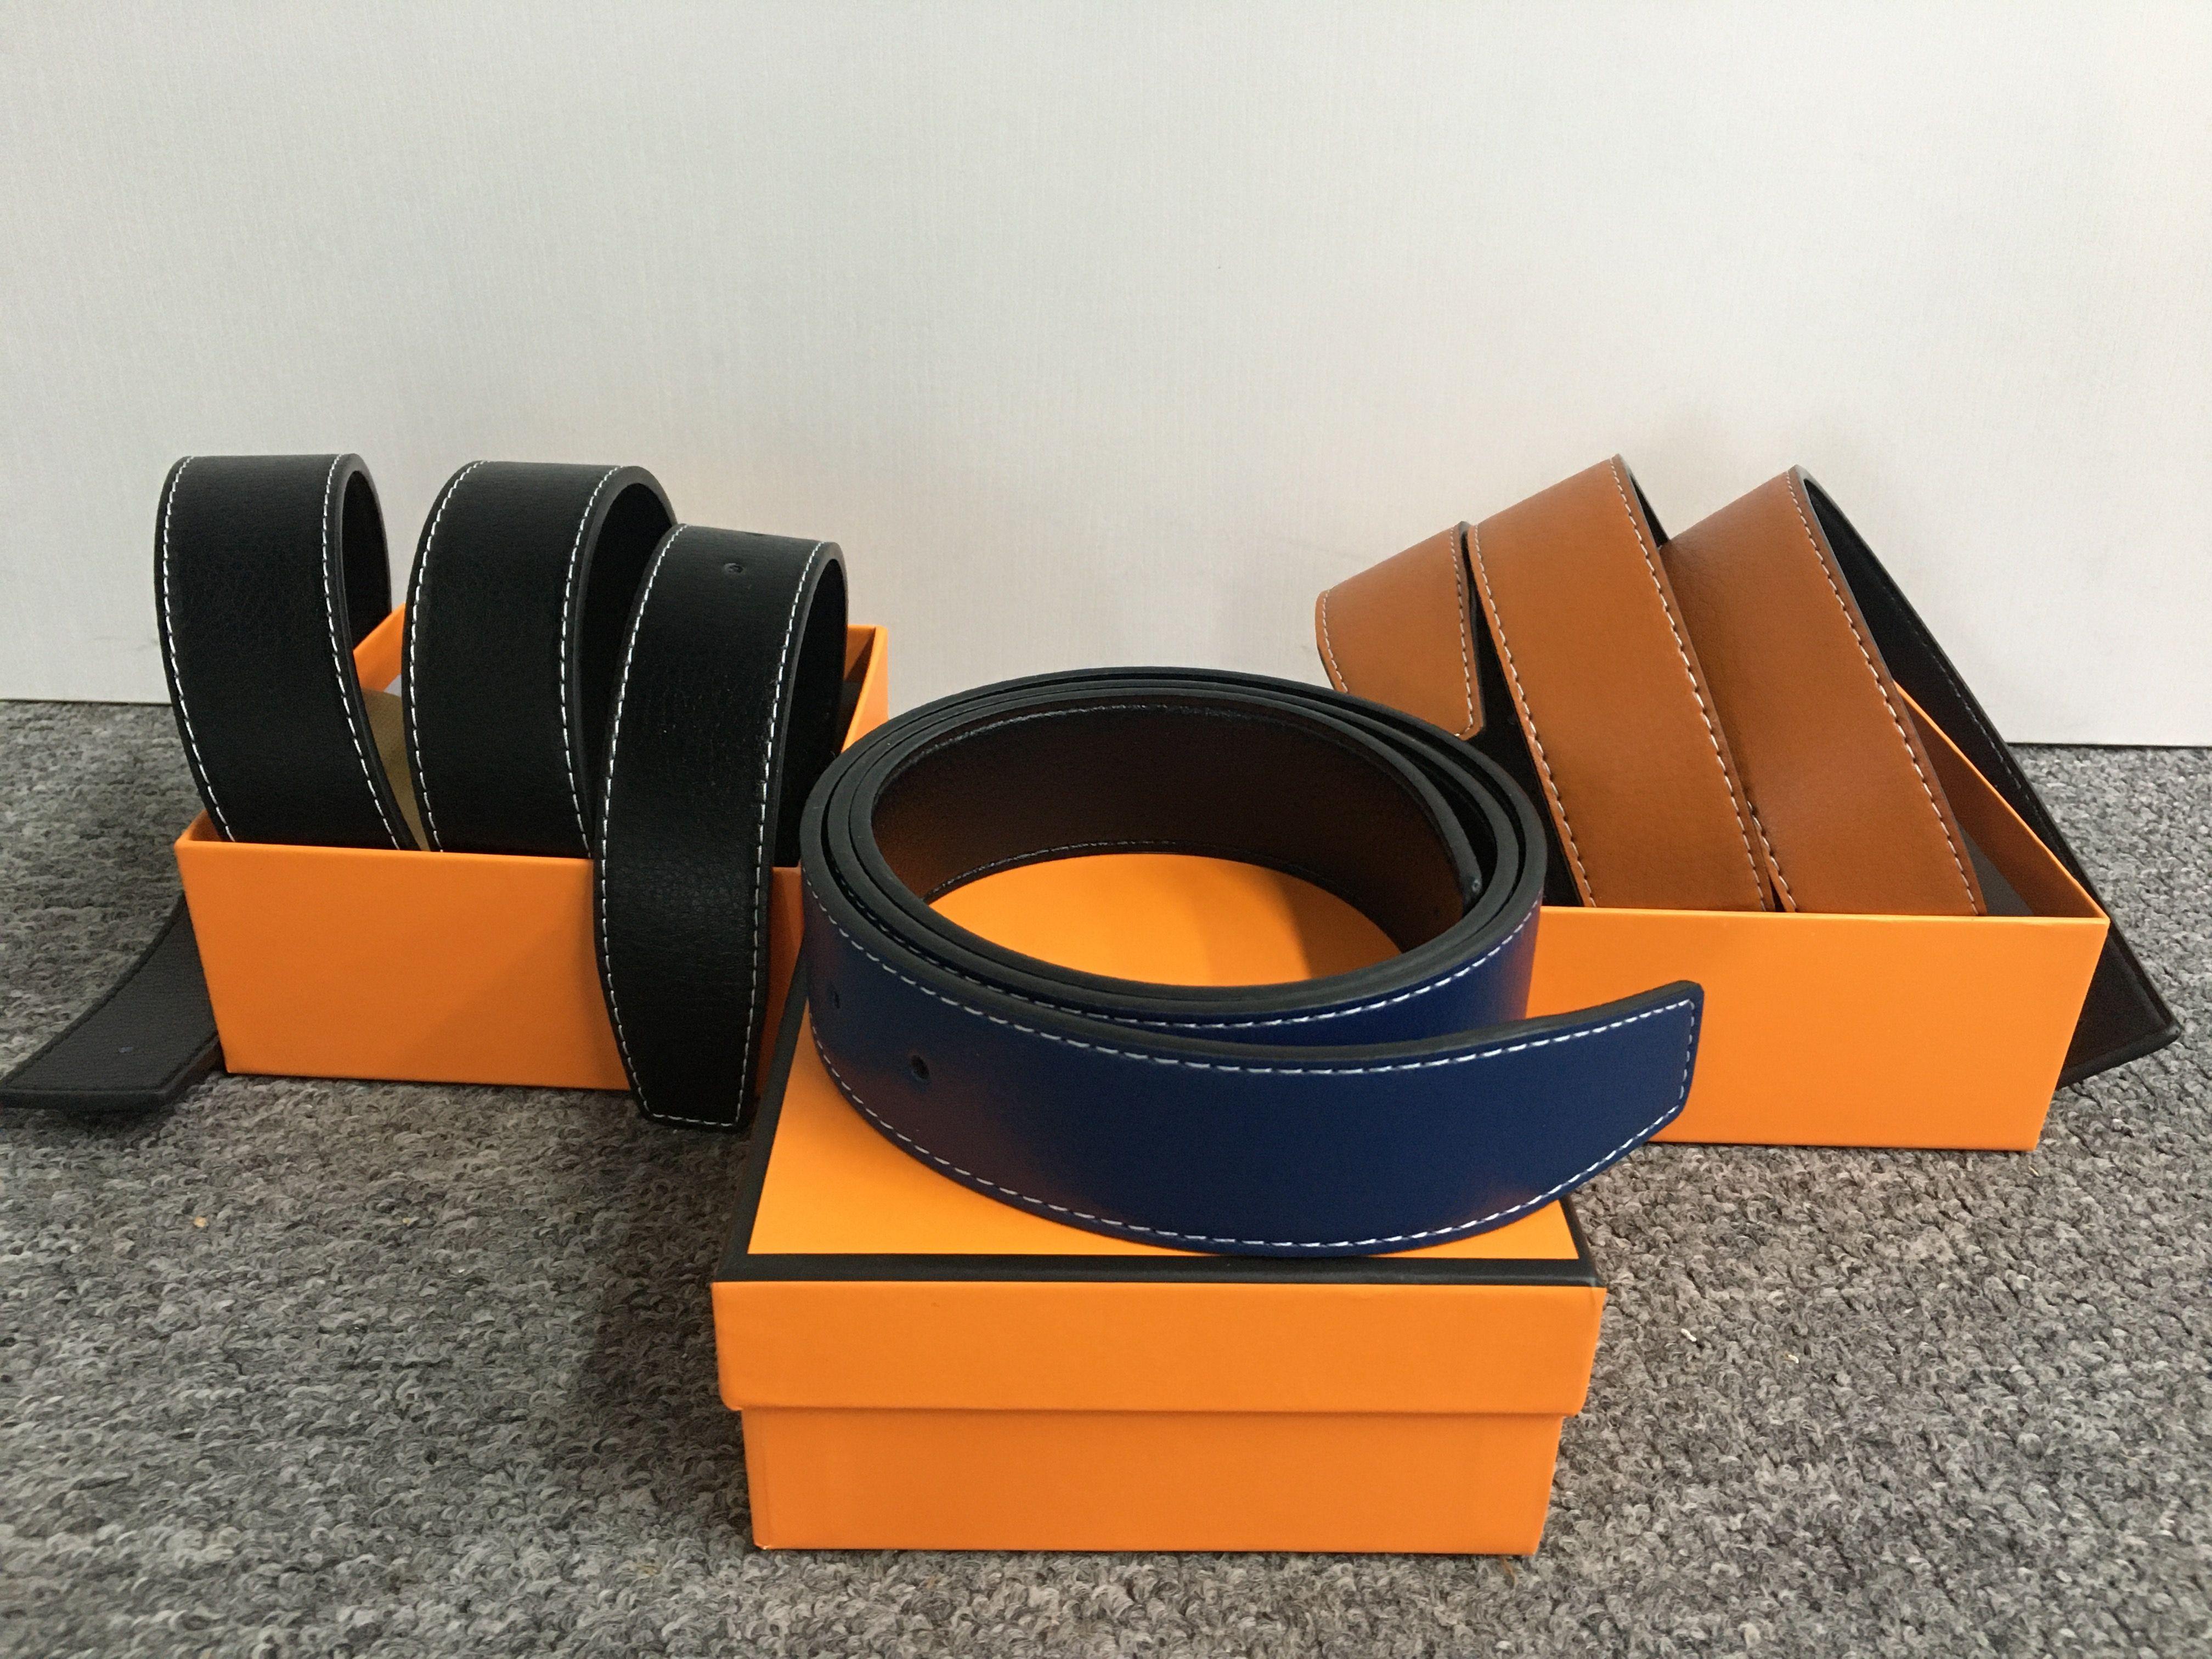 Männer und Frauen Luxuxentwerfer von Herren und Damen-Gürtel mit Mode-große Wölbung Echtes Leder Top Entwerfer-Qualitäts-Gürtel H Bran